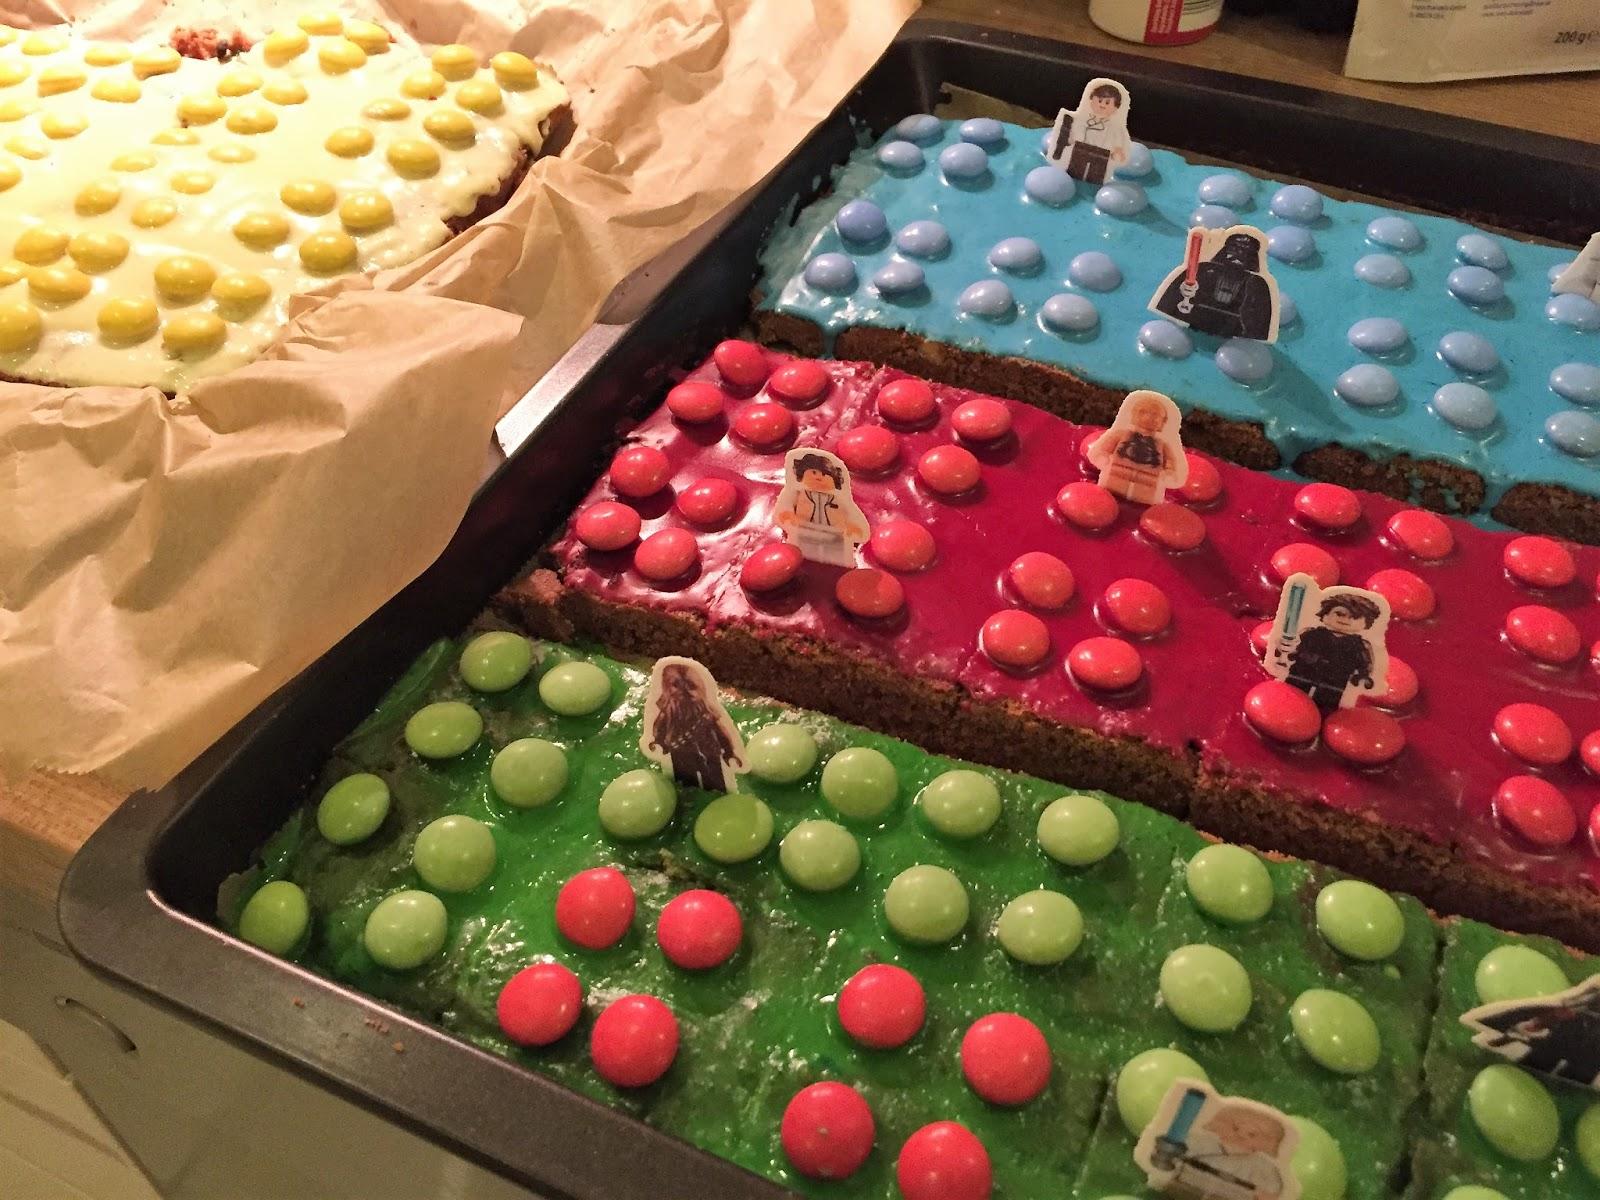 Rucki Zucki Rezept Fur Einen Lego Bausteine Kuchen Mit Kinderaugen